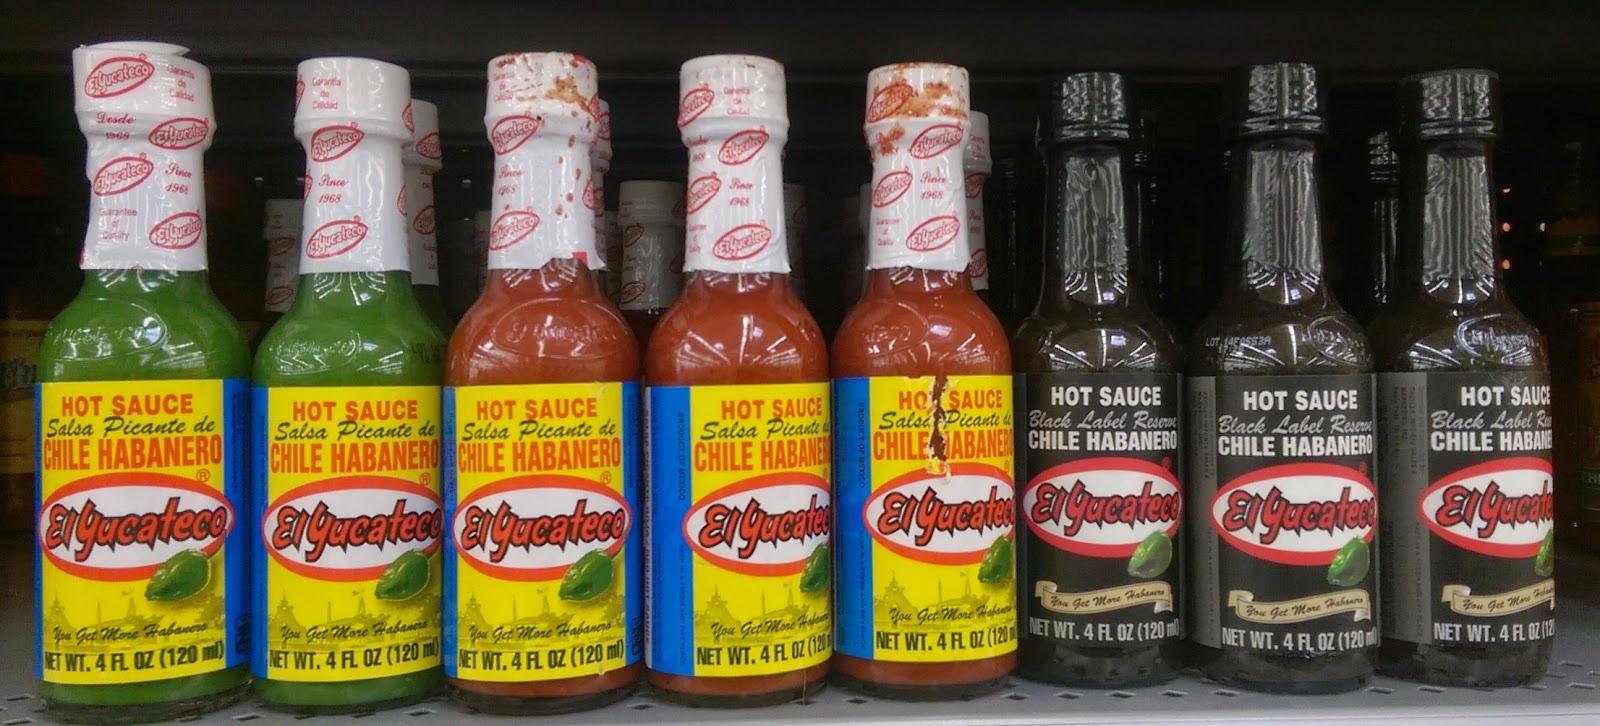 El Yucateco Hot Sauce